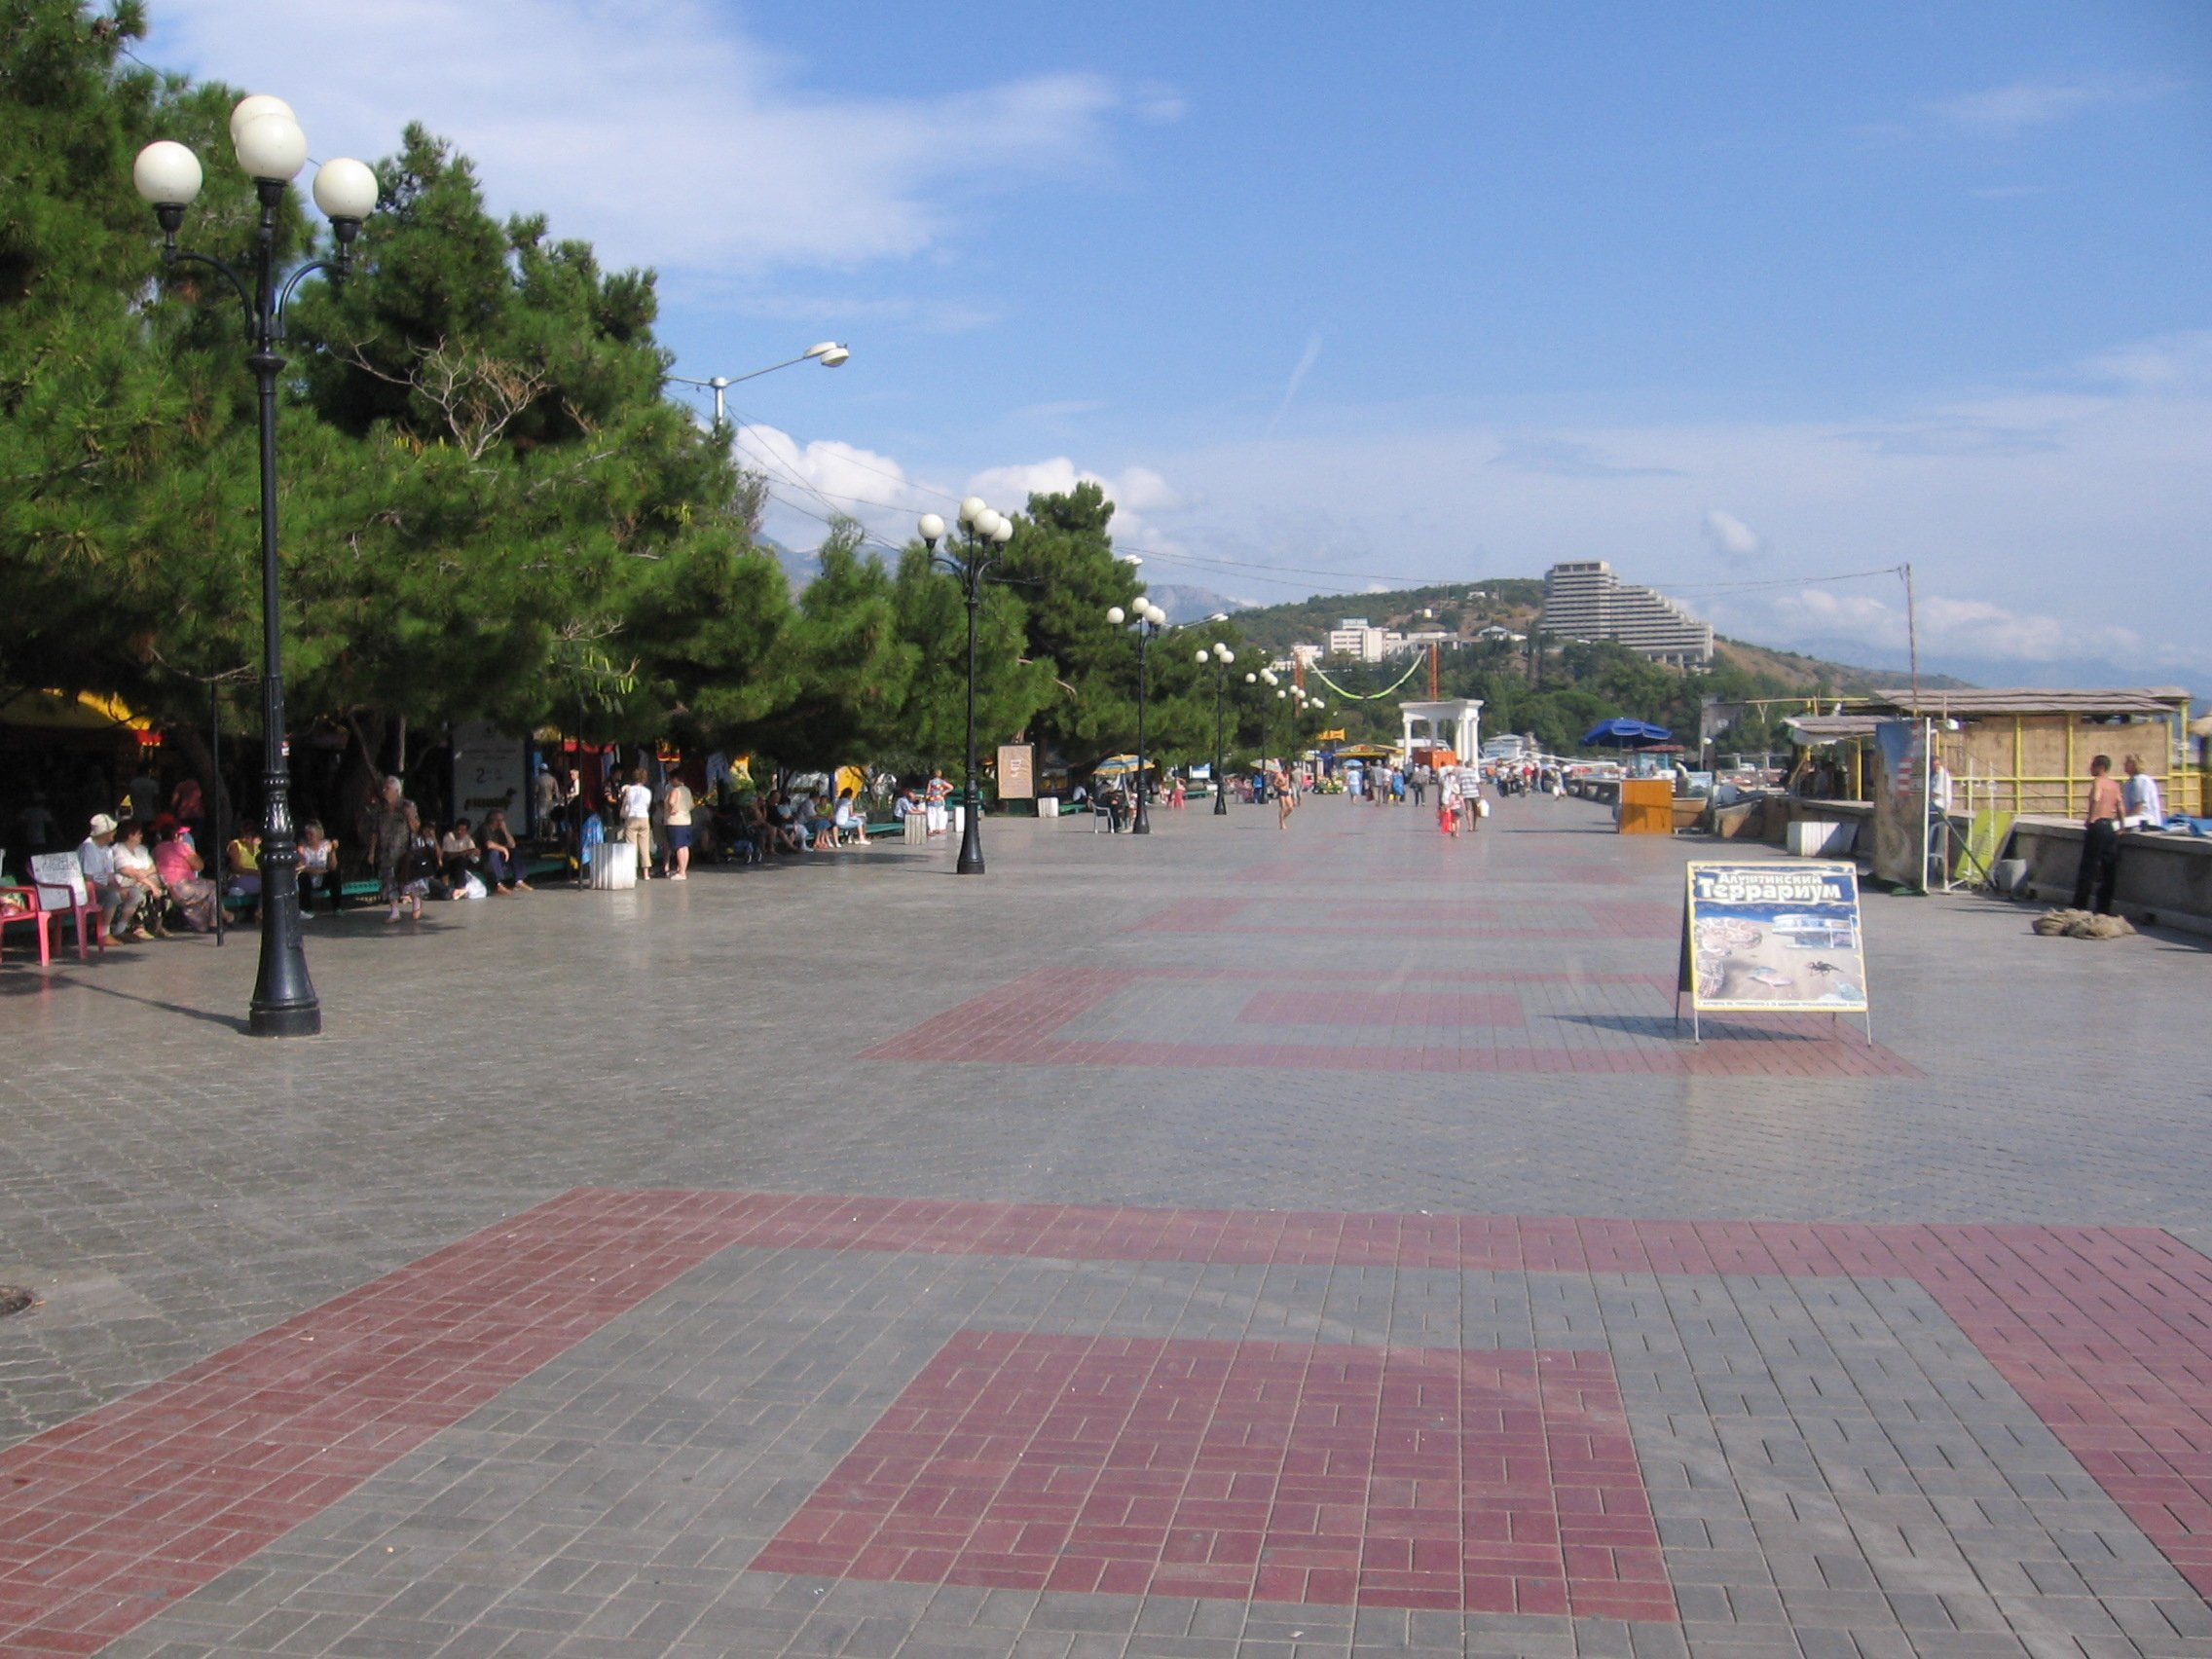 На дворе лето. Я неспешно прогуливаюсь по набережной Алушты: солнце обдает жаром, повсюду обгоревшие туристы, шум во ... - Изображение 2